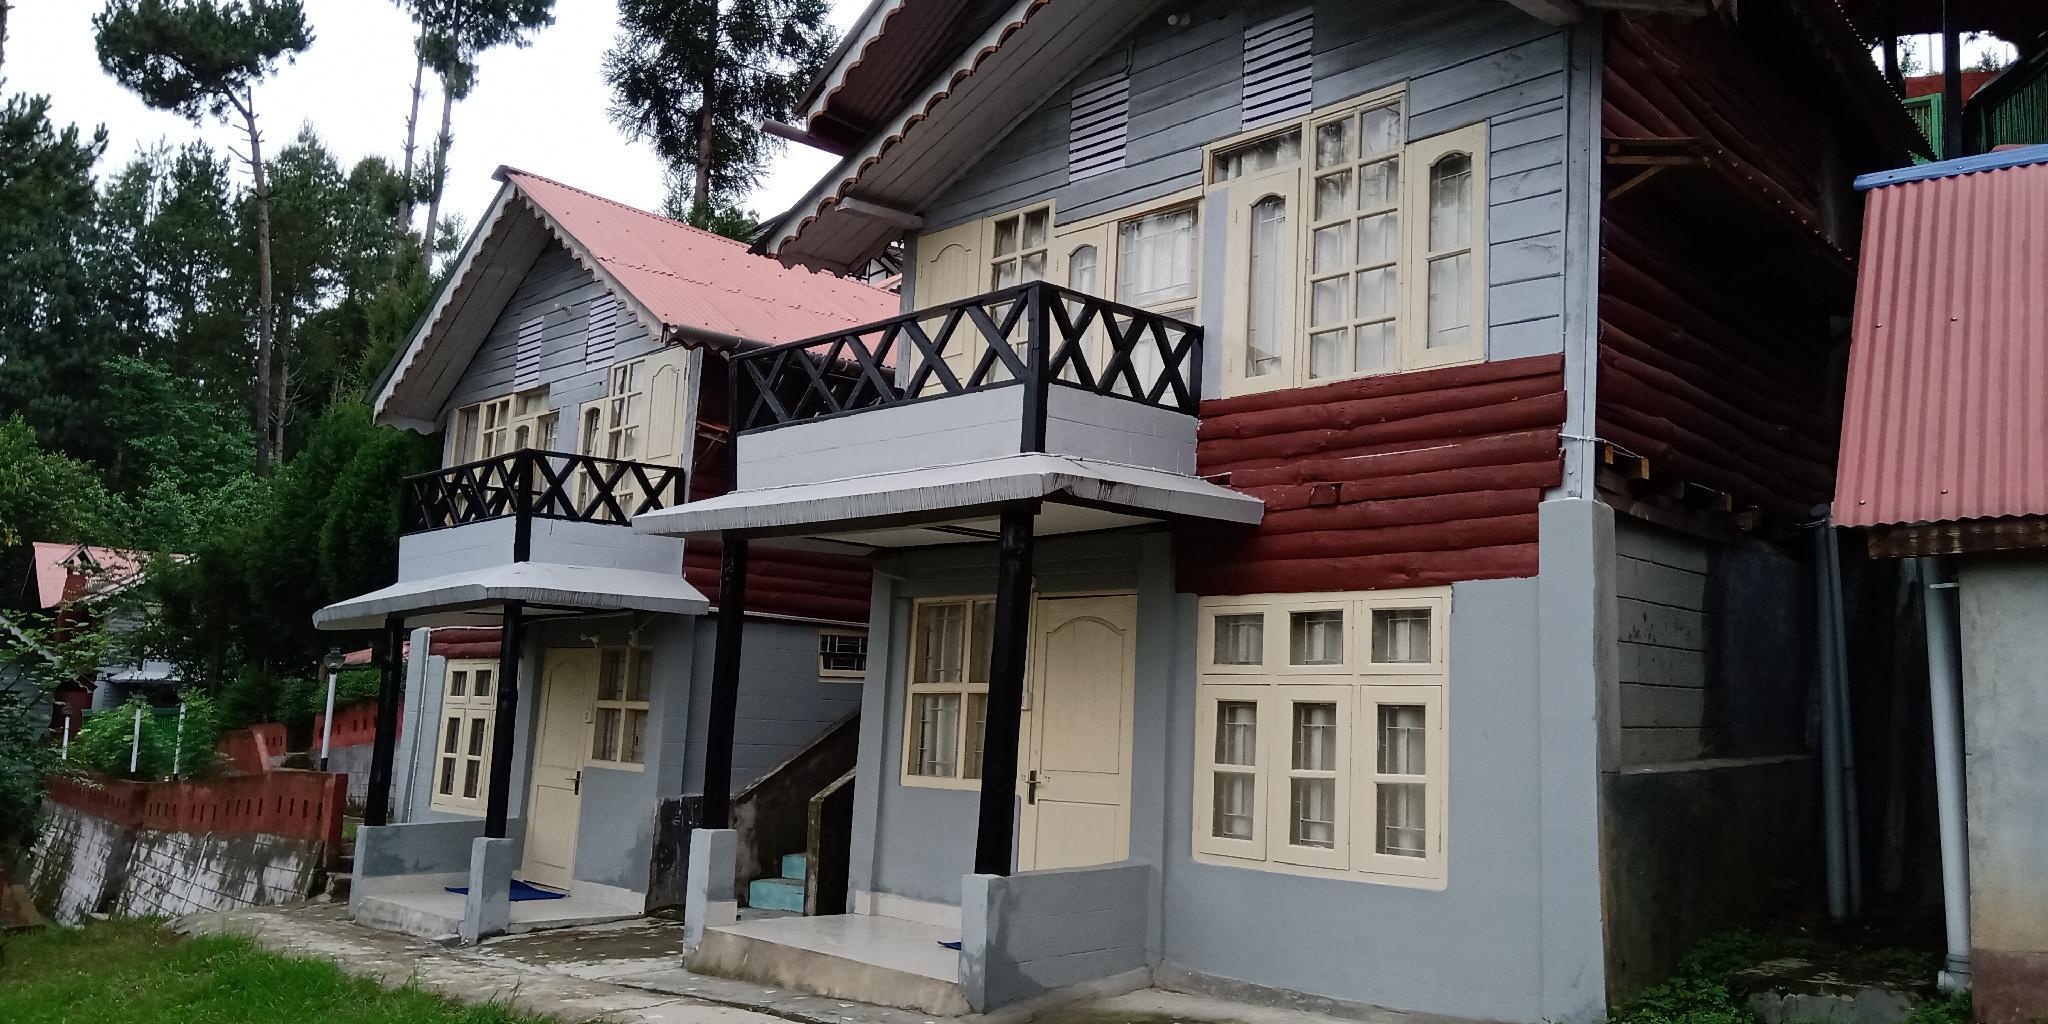 Kasa Resort, Lower Subansiri